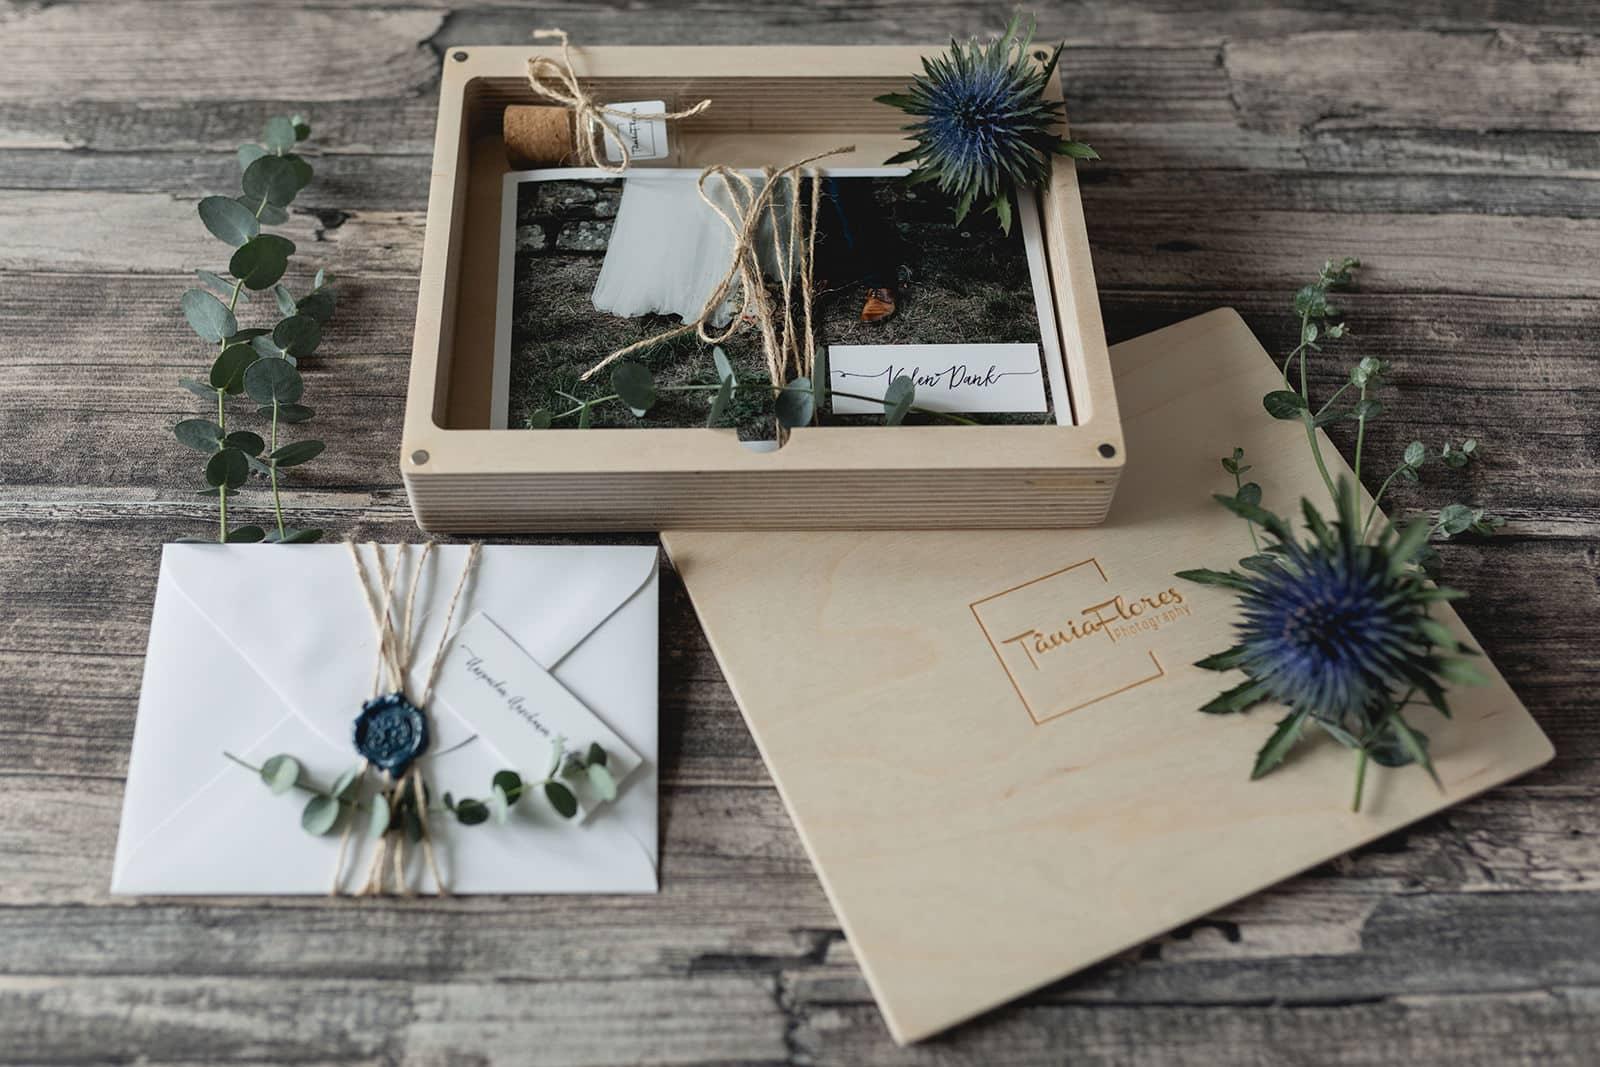 Tania-Flores-Hochzeitsfotografie-Hochzeitsbox-Hochzeitsalbum-2